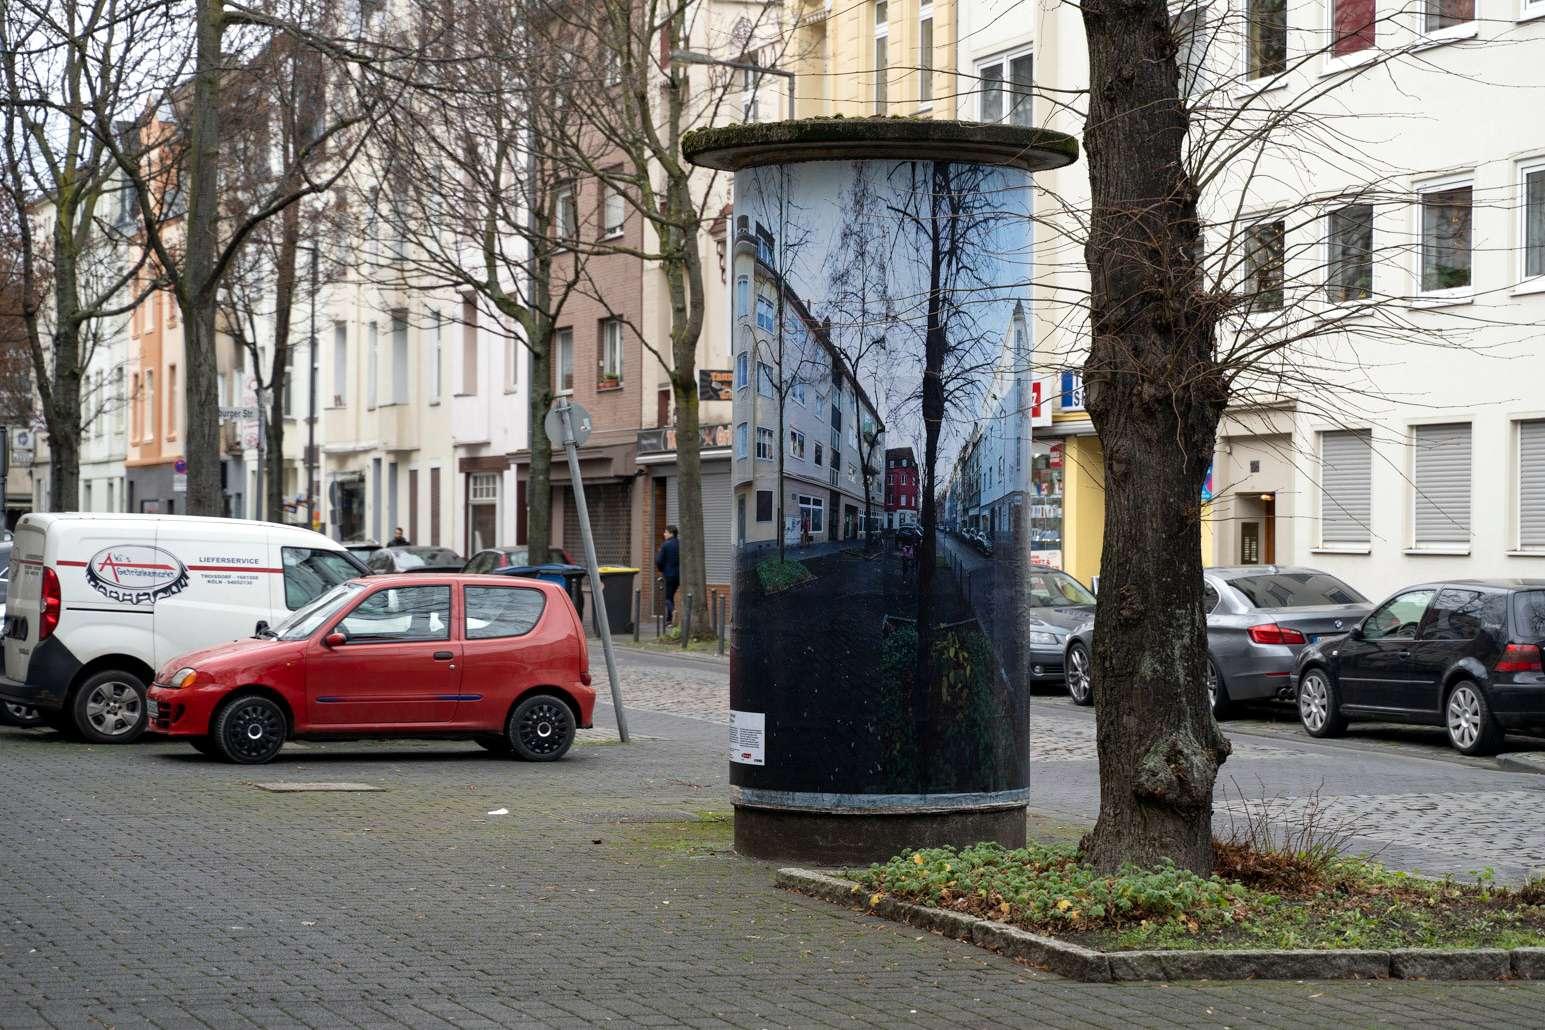 Kunst an Kölner Litfaßsäulen: Säule von Maurits Boettger auf der Wattstraße in Köln (Foto: Maurits Boettger)